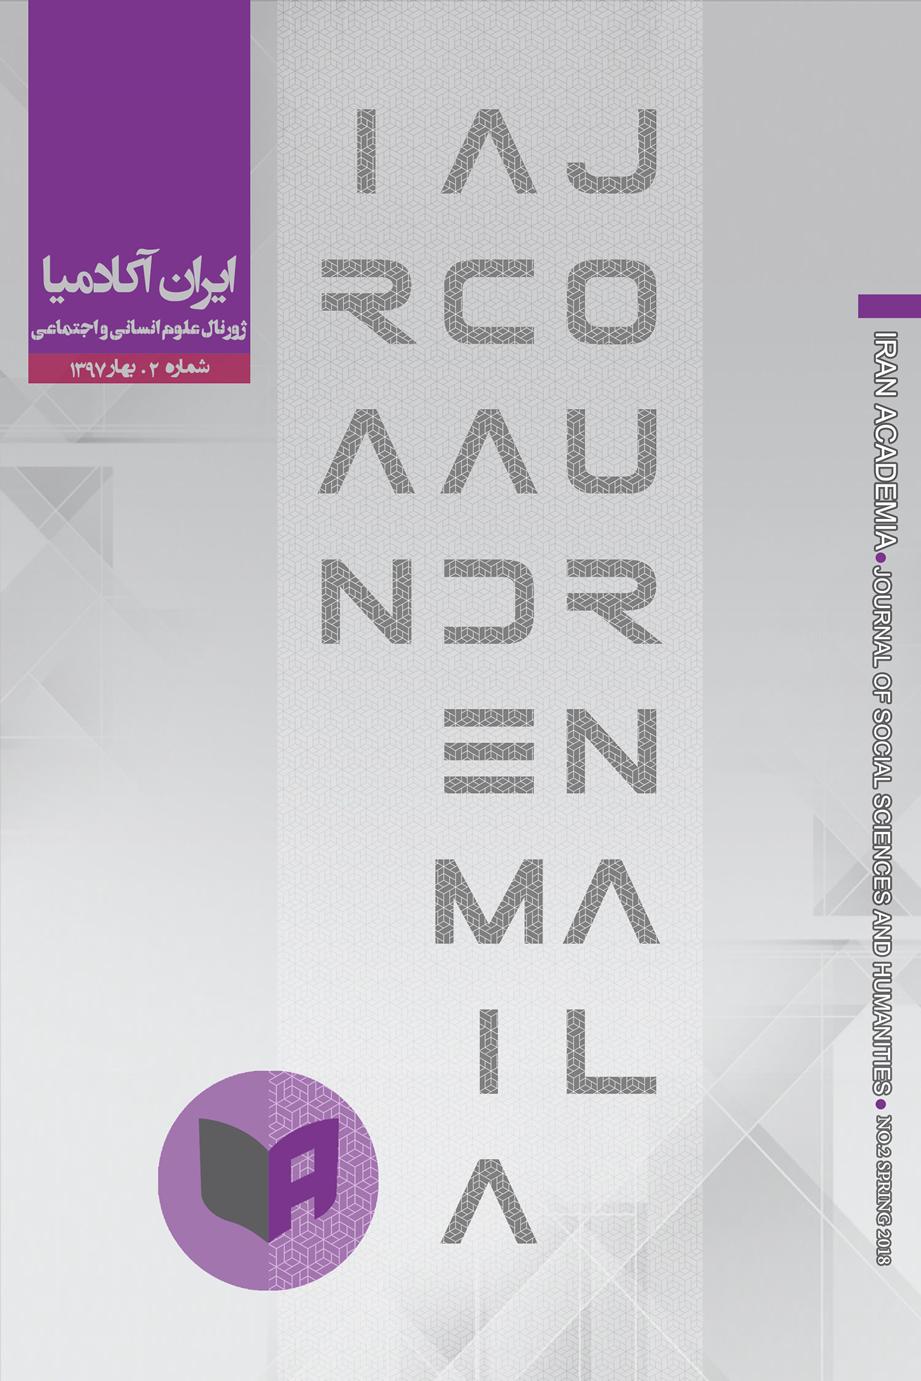 جلد دومین شماره ژورنال ایران آکادمیا